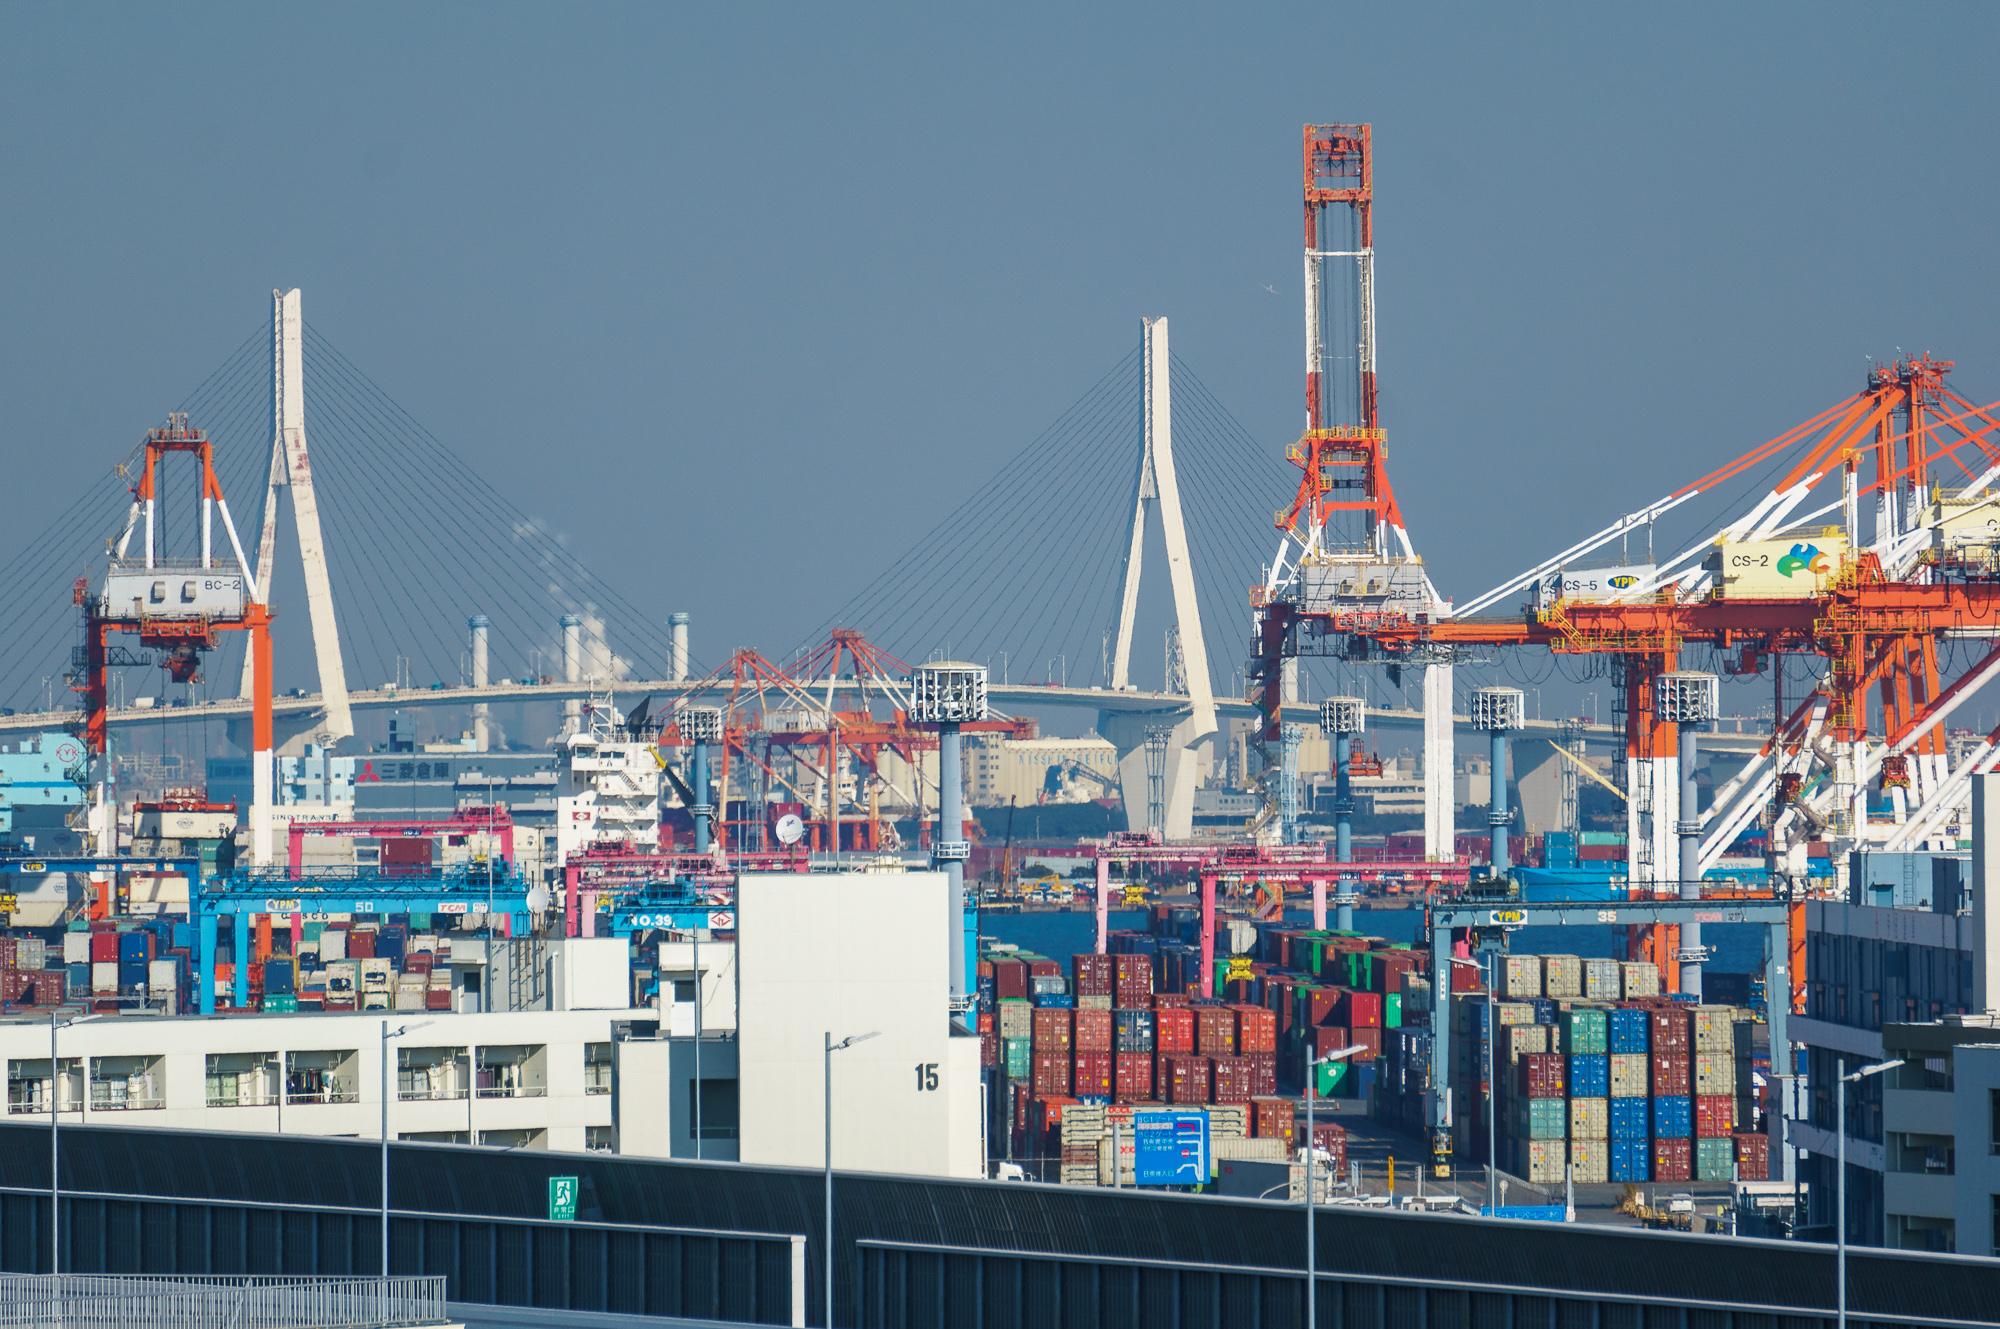 Šis vanšu tilts ir Yokohamas simbols. Mūsu dzīvokļa logi un balkoni ir gandrīz uz visām debess pusēm. Labos apstākļos varam redzēt ļoti tālu. Priekšplānā mikroskopiska daļa no milzīgās Yokohamas ostas teritorijas.